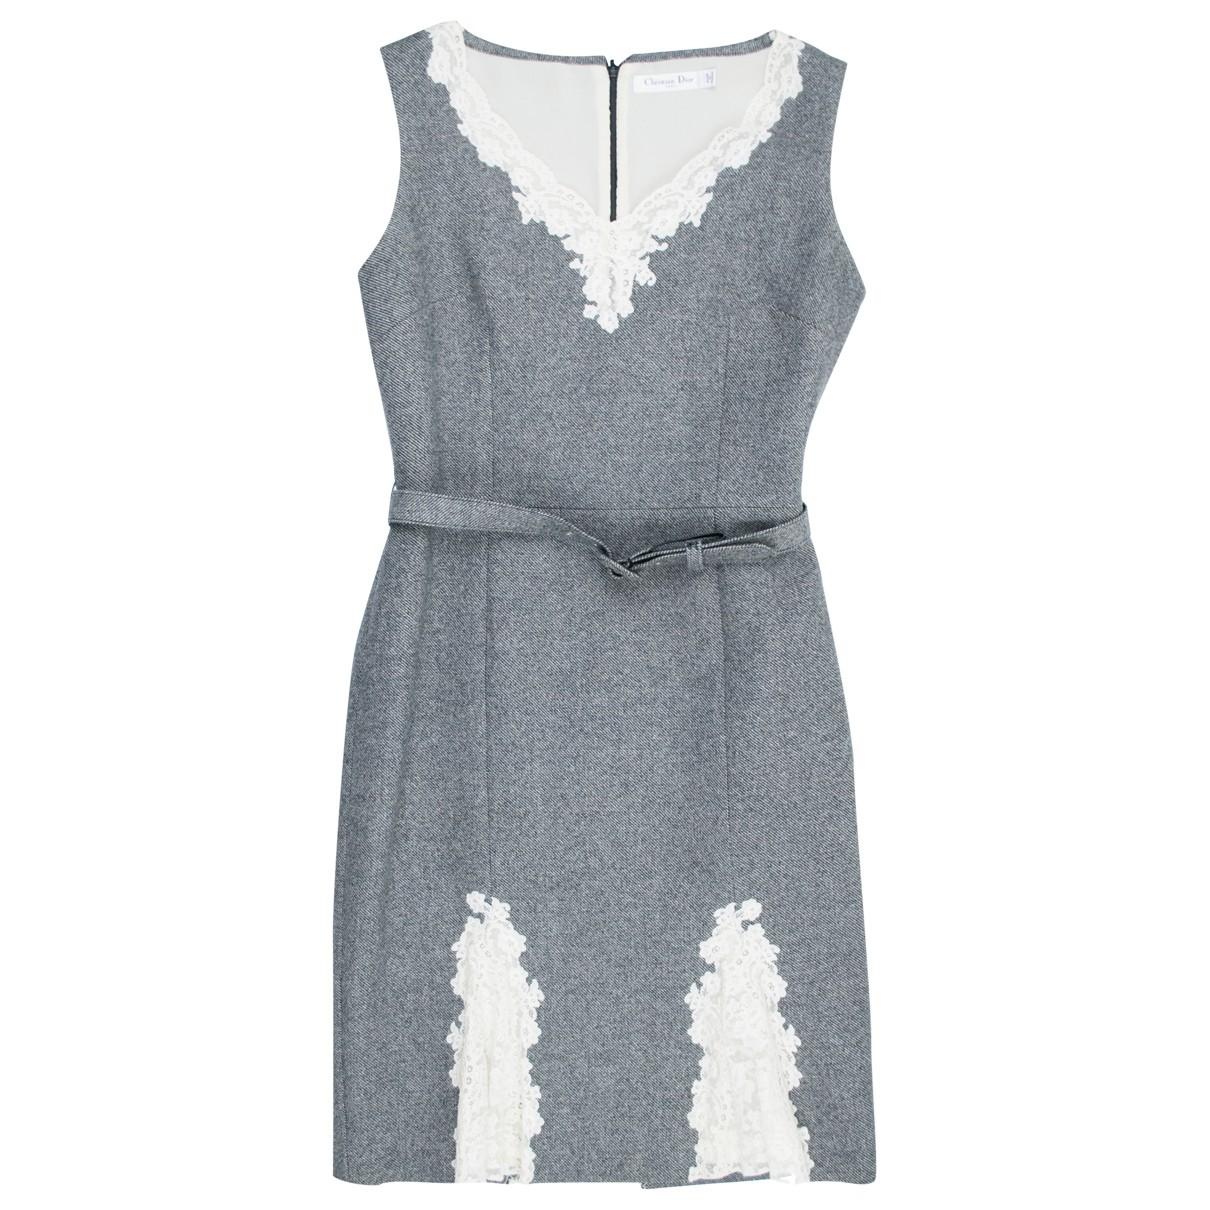 Dior \N Kleid in  Grau Wolle